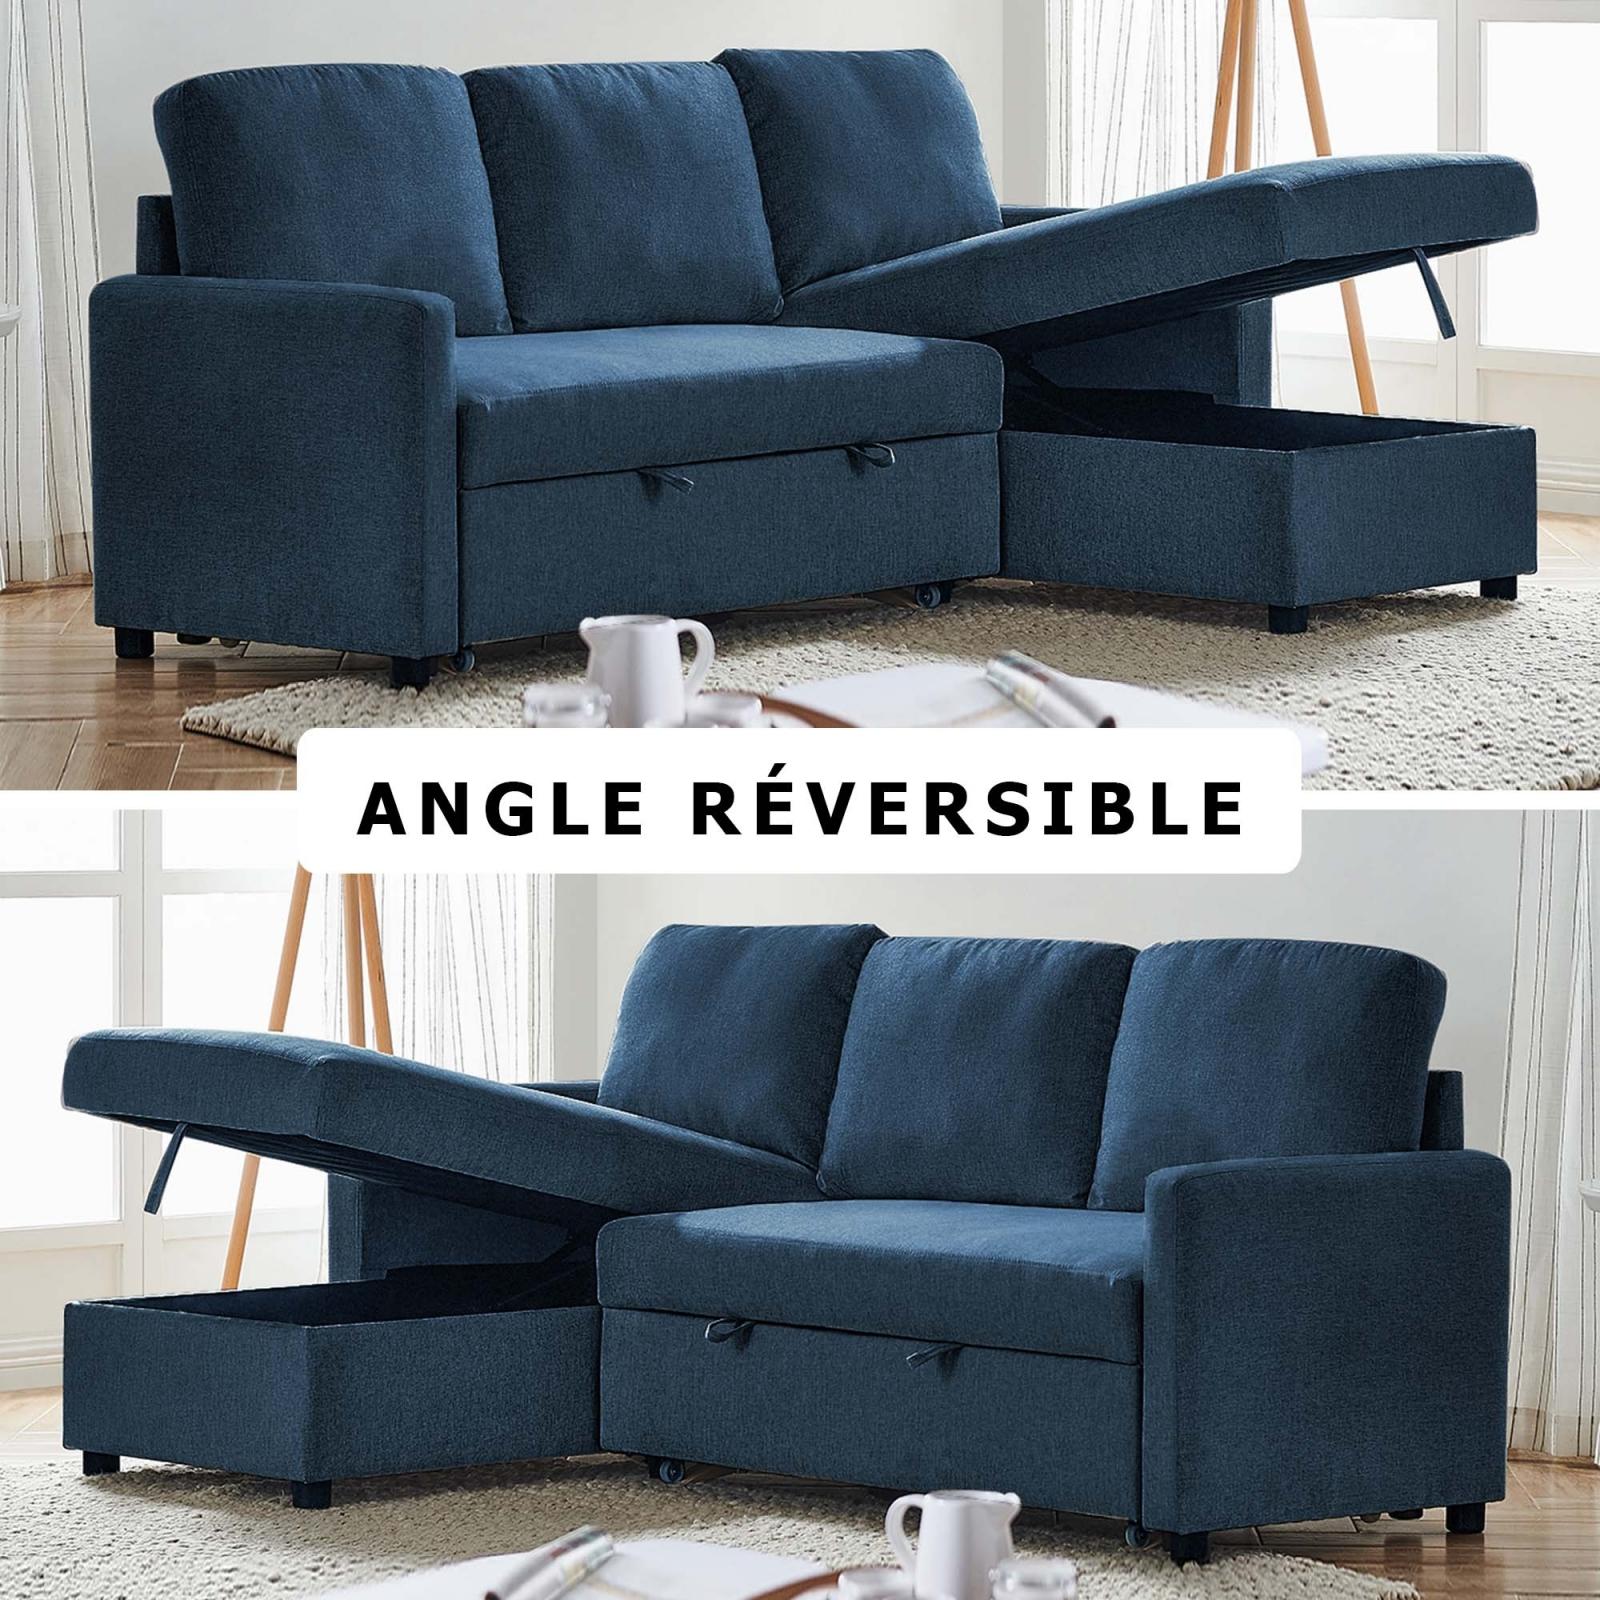 Canapé convertible avec coffre de rangement angle réversible en tissu bleu